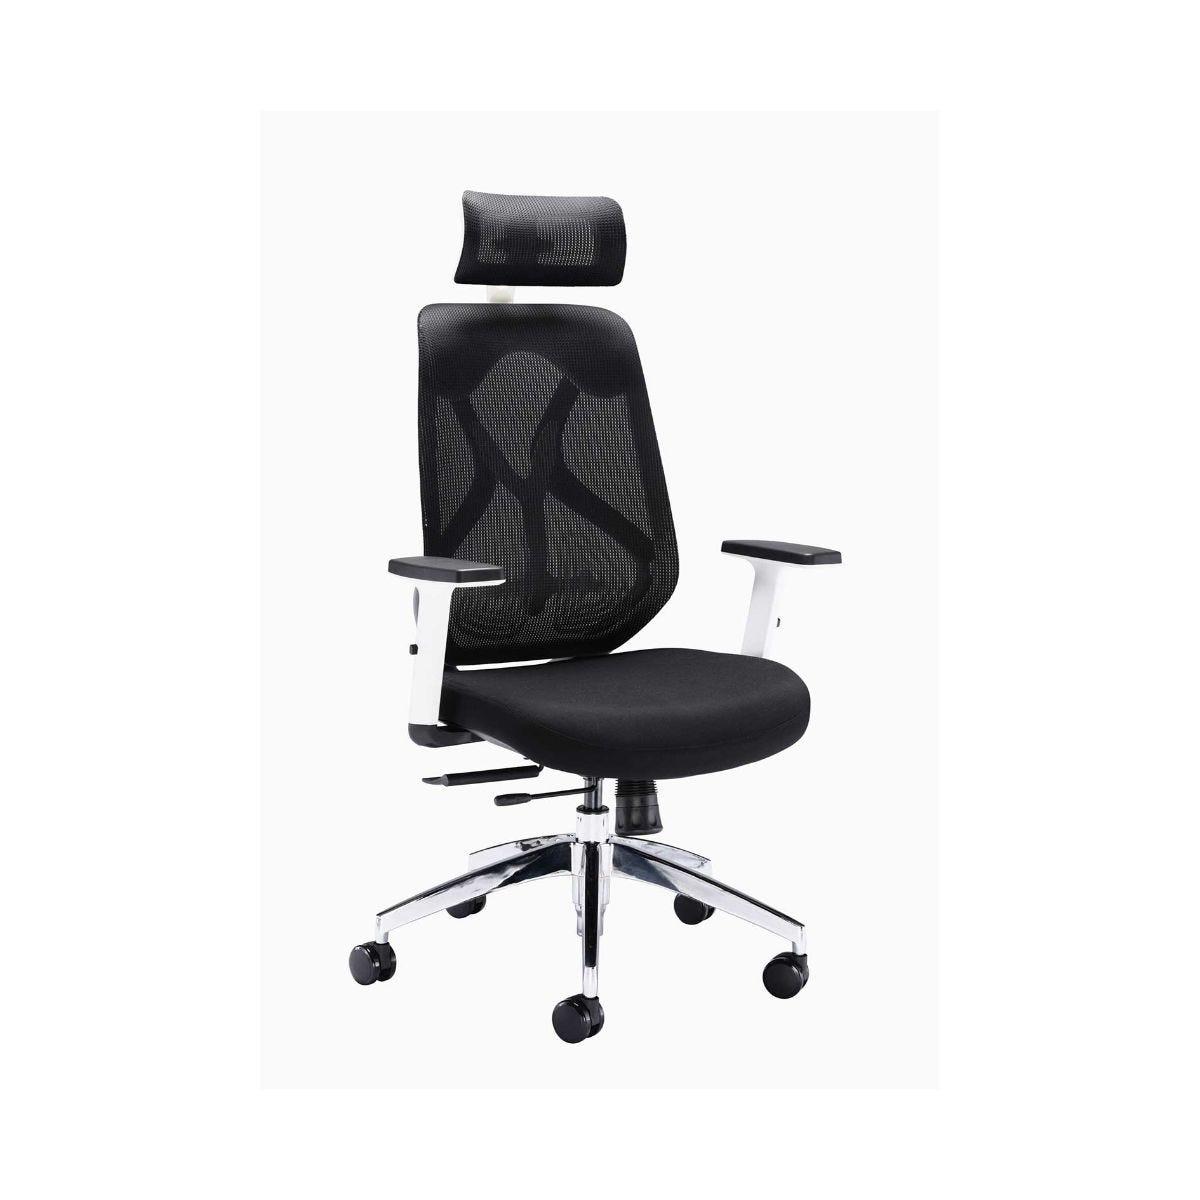 Maldini Designer High Back Mesh Task Office Chair, Black